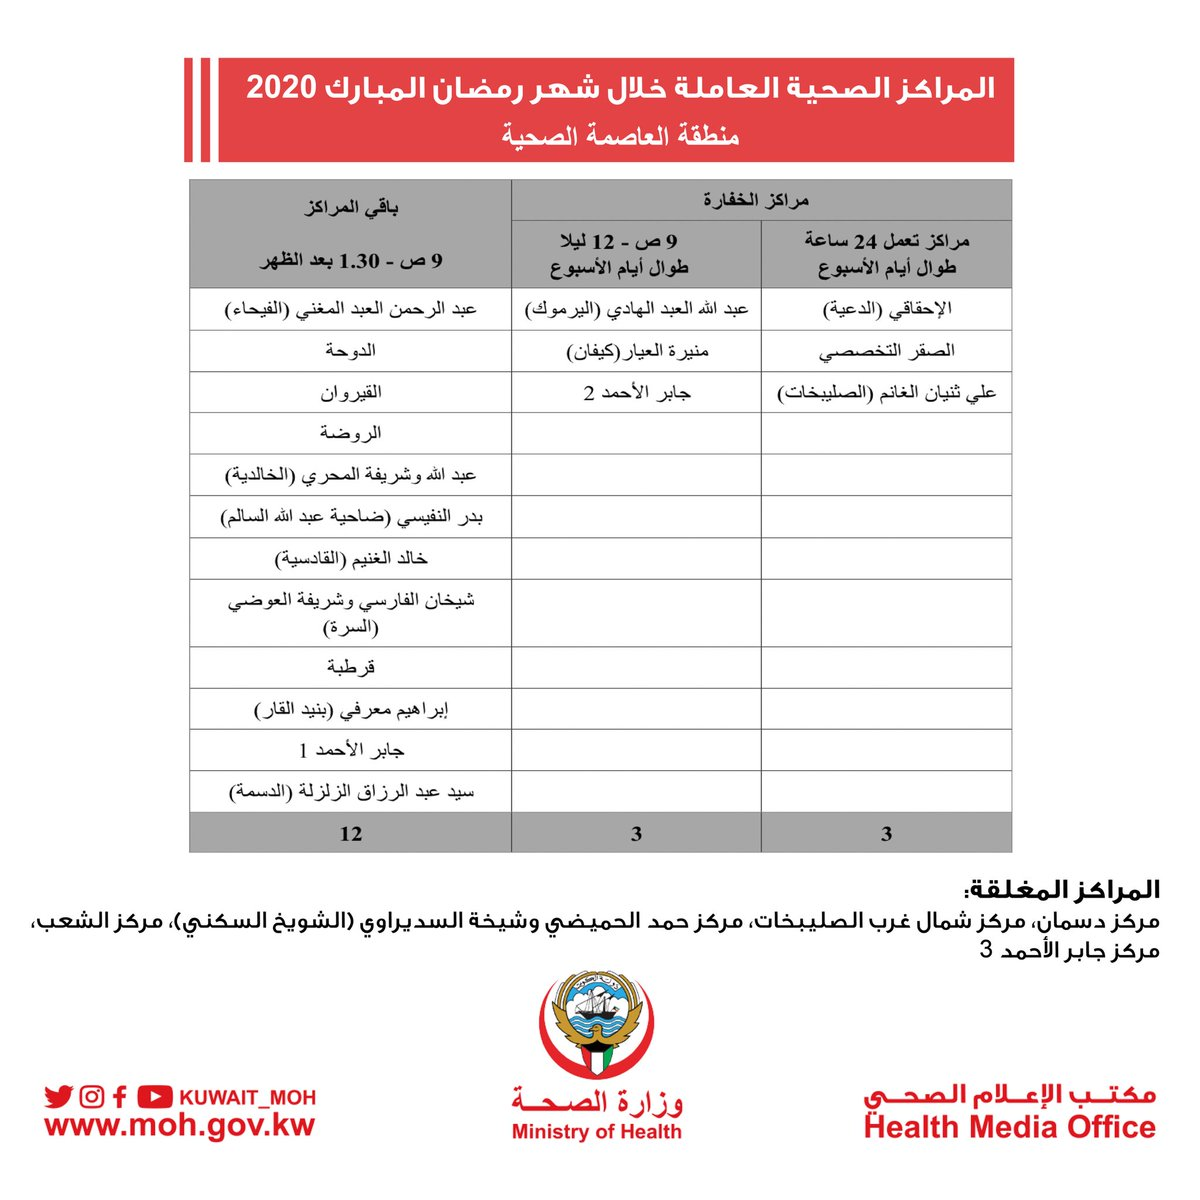 وزارة الصحة الكويت On Twitter المراكز الصحية العاملة خلال شهر رمضان المبارك 2020